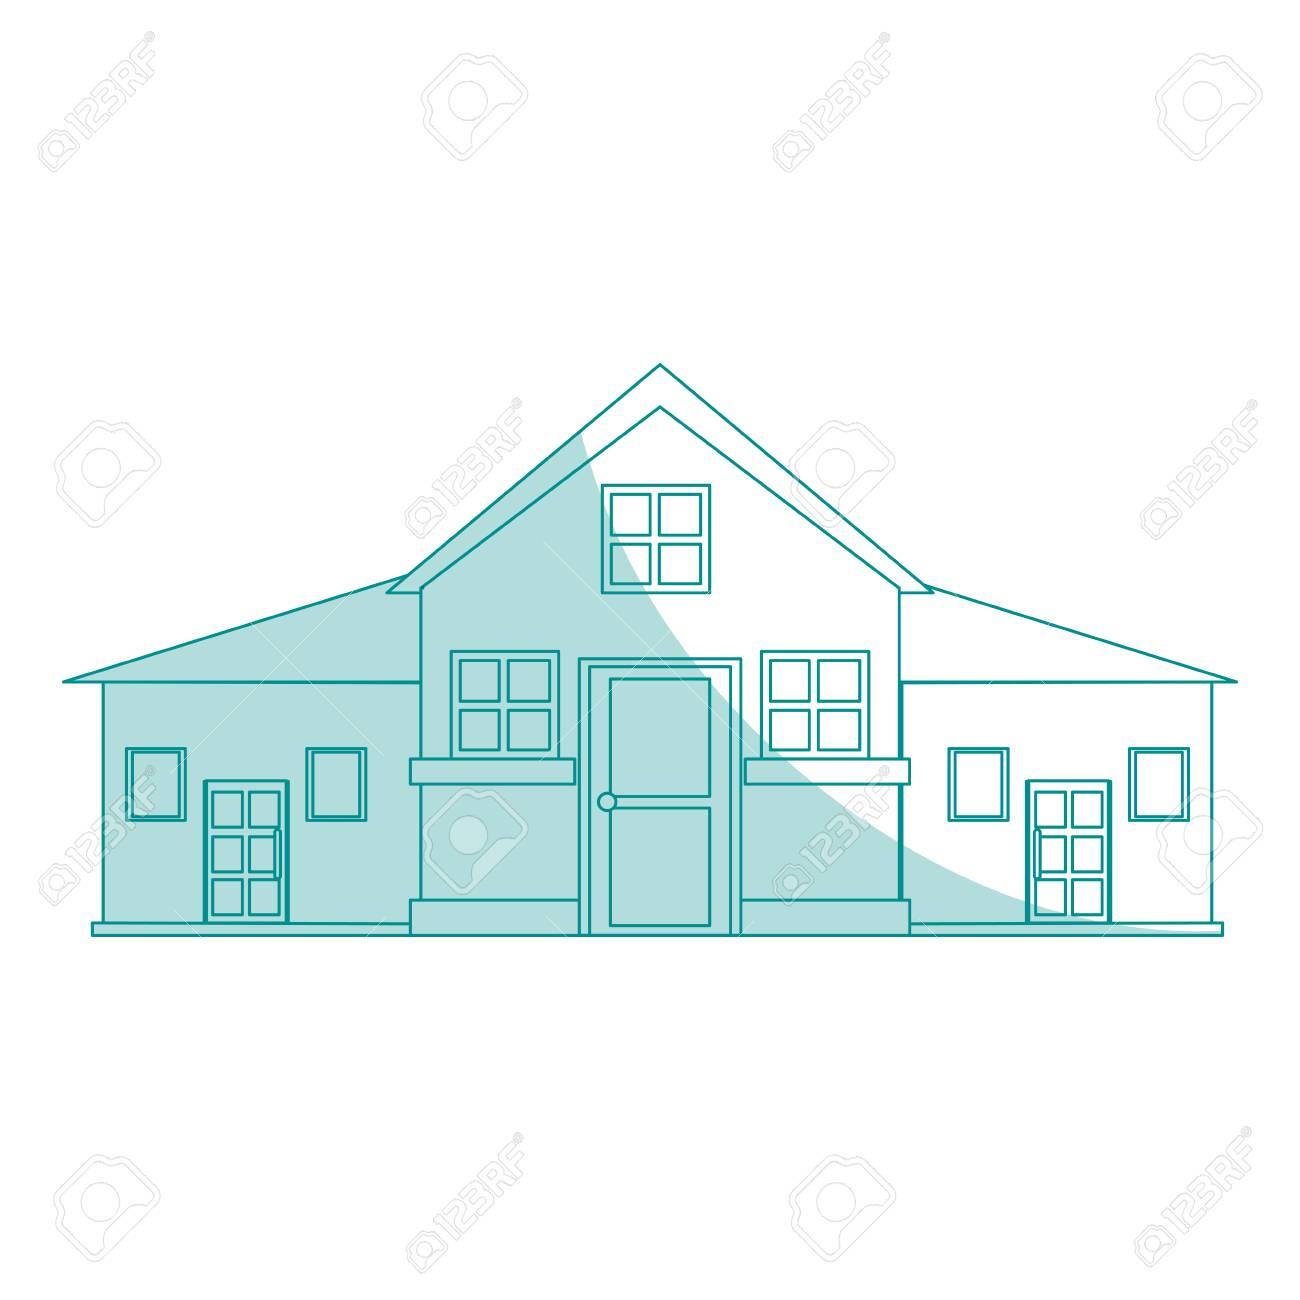 Banque dimages façade de dessin animé silhouette bleu ombrage grande maison confortable avec illustration de vecteur deux étages